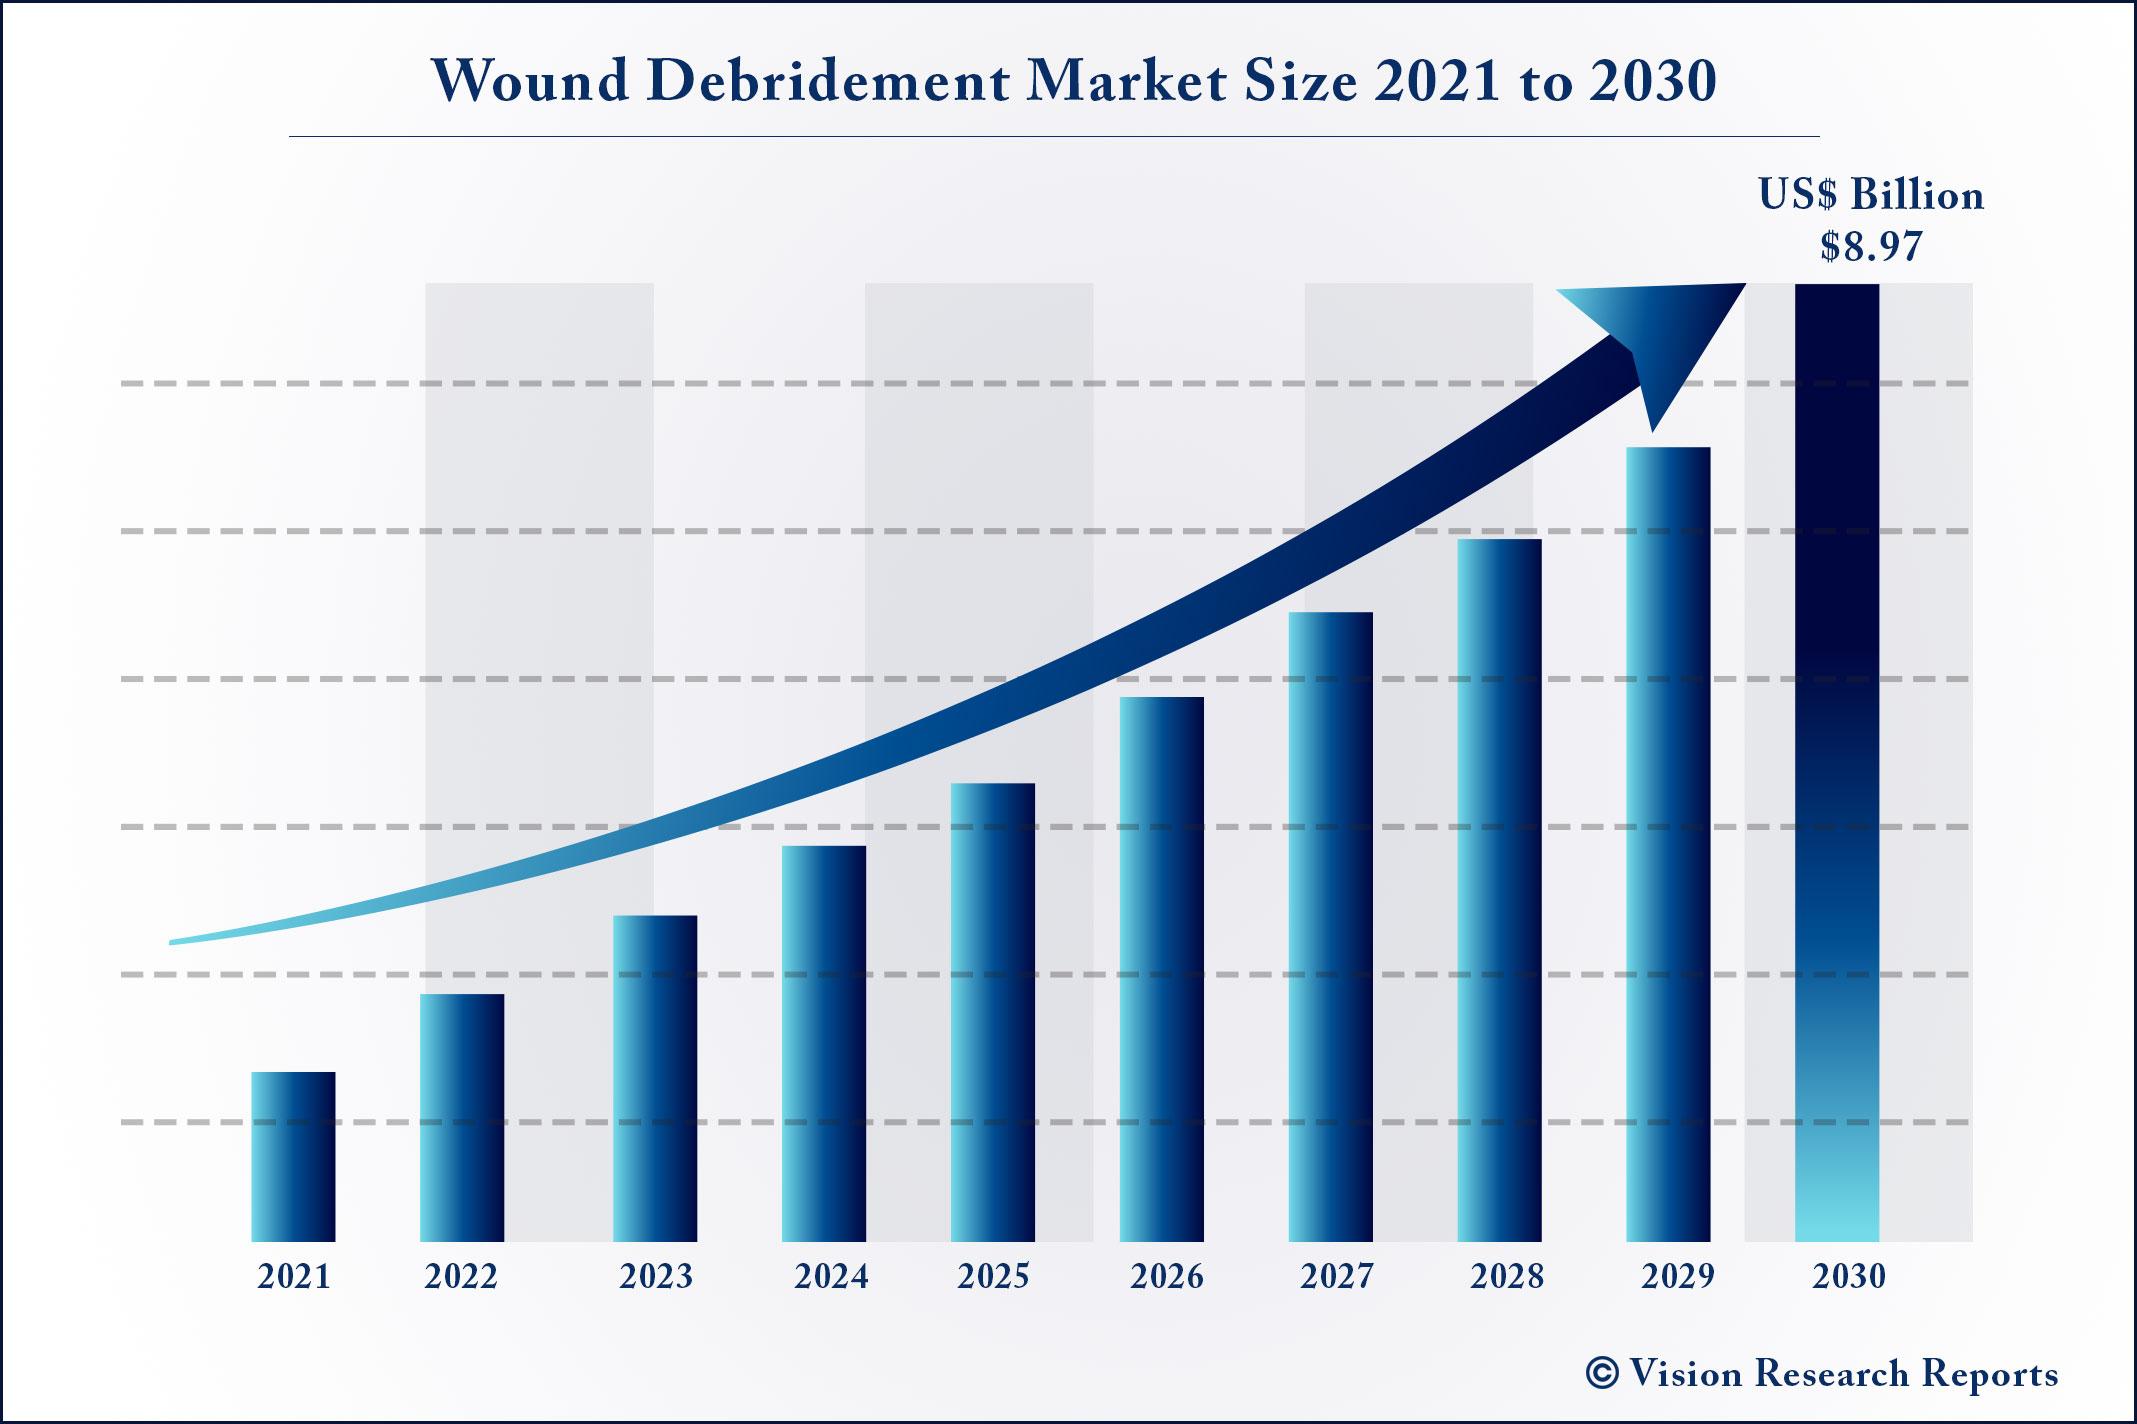 Wound Debridement Market Size 2021 to 2030